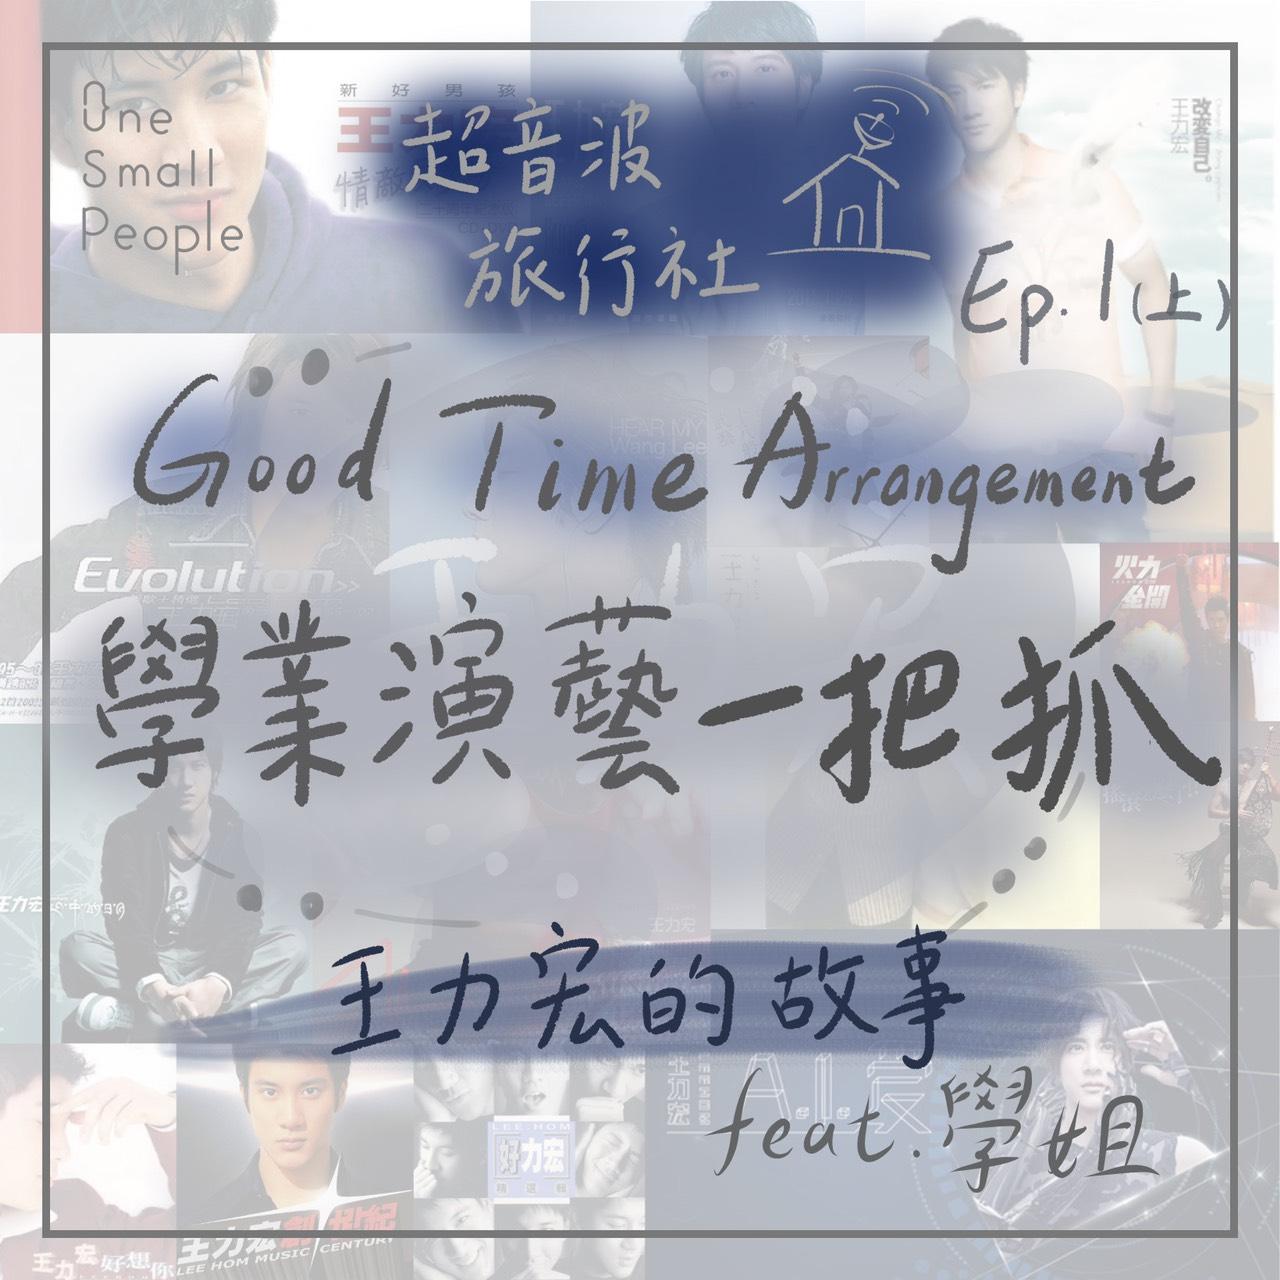 【超音波旅行社】Ep.1(上) Good Time Arrangement 學業演藝一把抓,王力宏的故事/ft.學姊